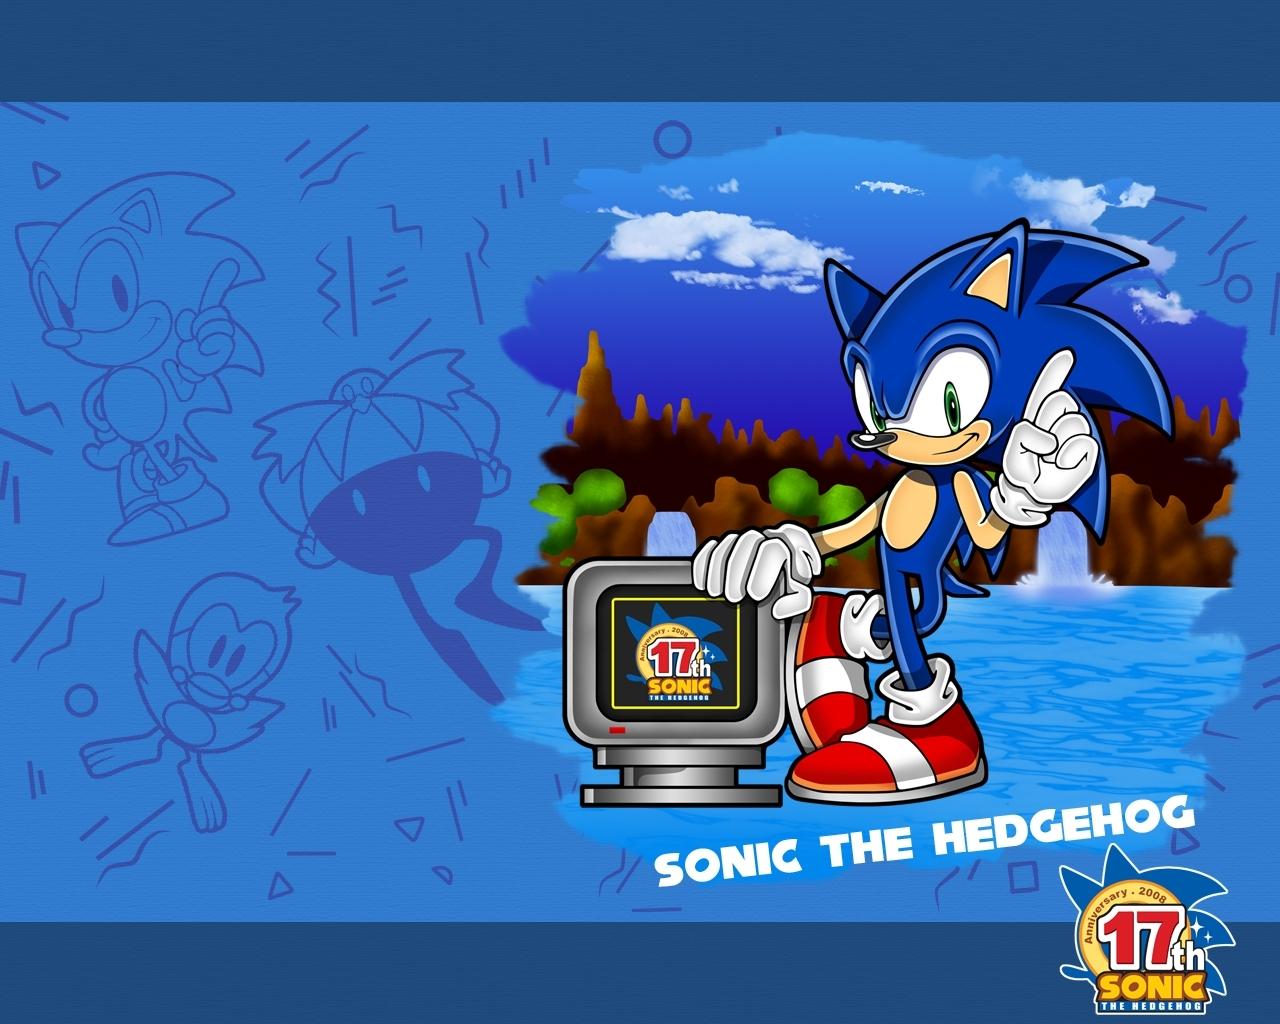 http://4.bp.blogspot.com/-p1ztdn1cWS0/UMkm40b_UGI/AAAAAAAARgI/XaSJL_vEMfs/s1600/15-aniversario-sonic-the-hedgehog.jpg